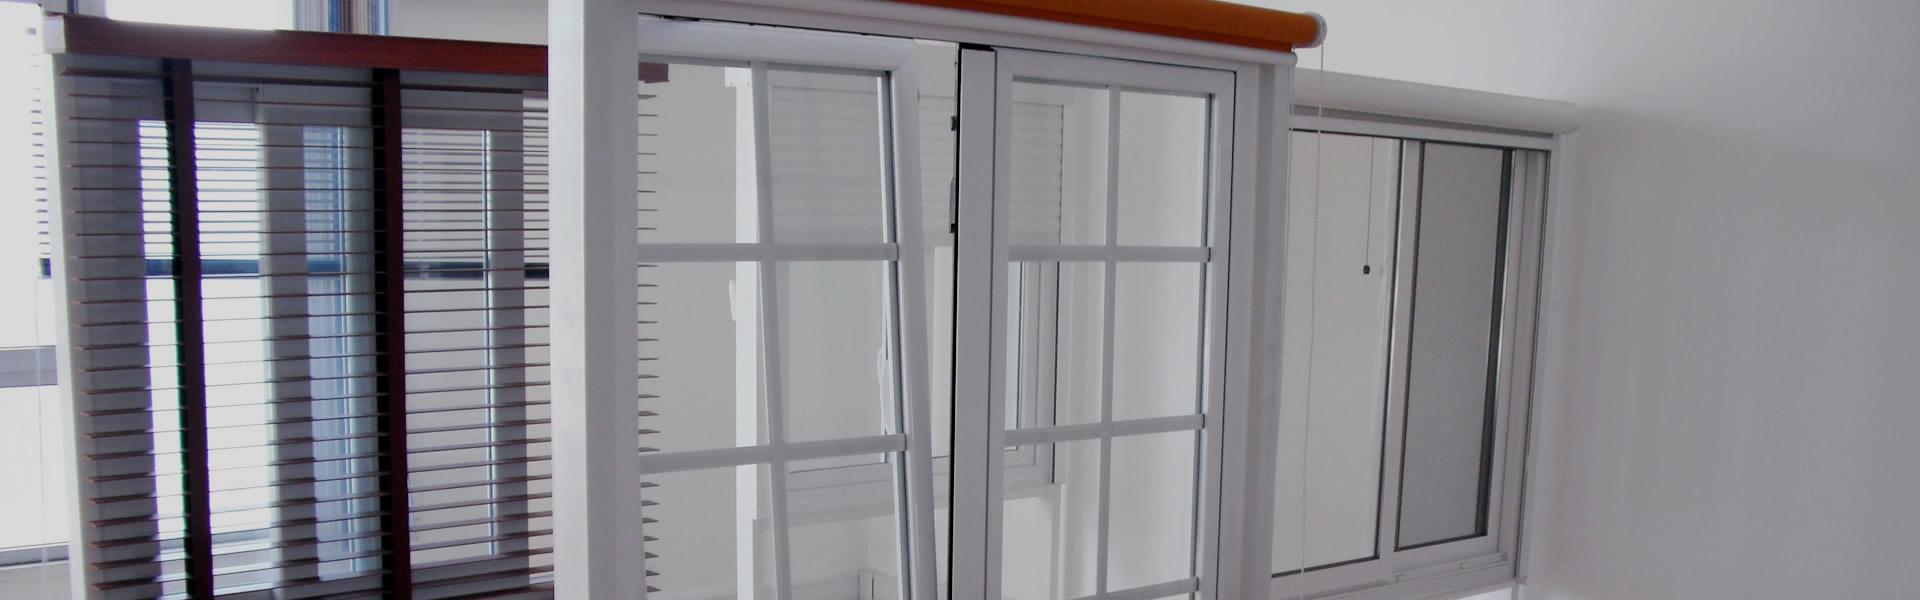 Caixilhos de alumínio corte térmico